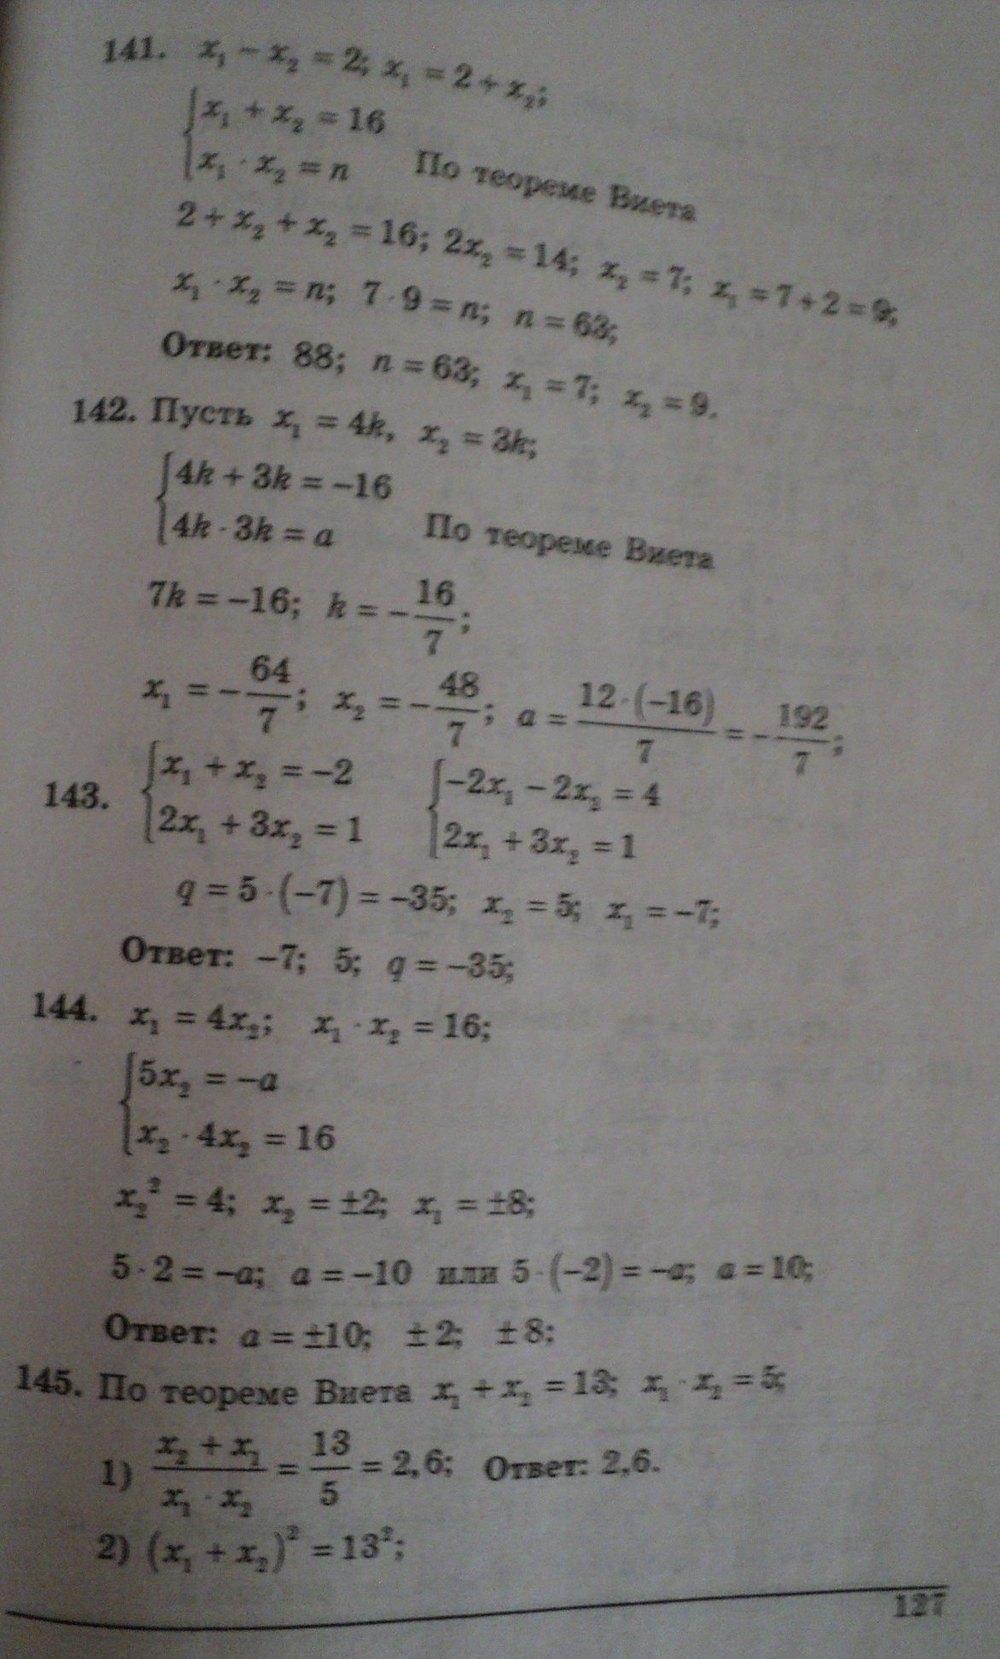 ГДЗ по алгебре 8 класс Щербань П.. Задание: стр. 127